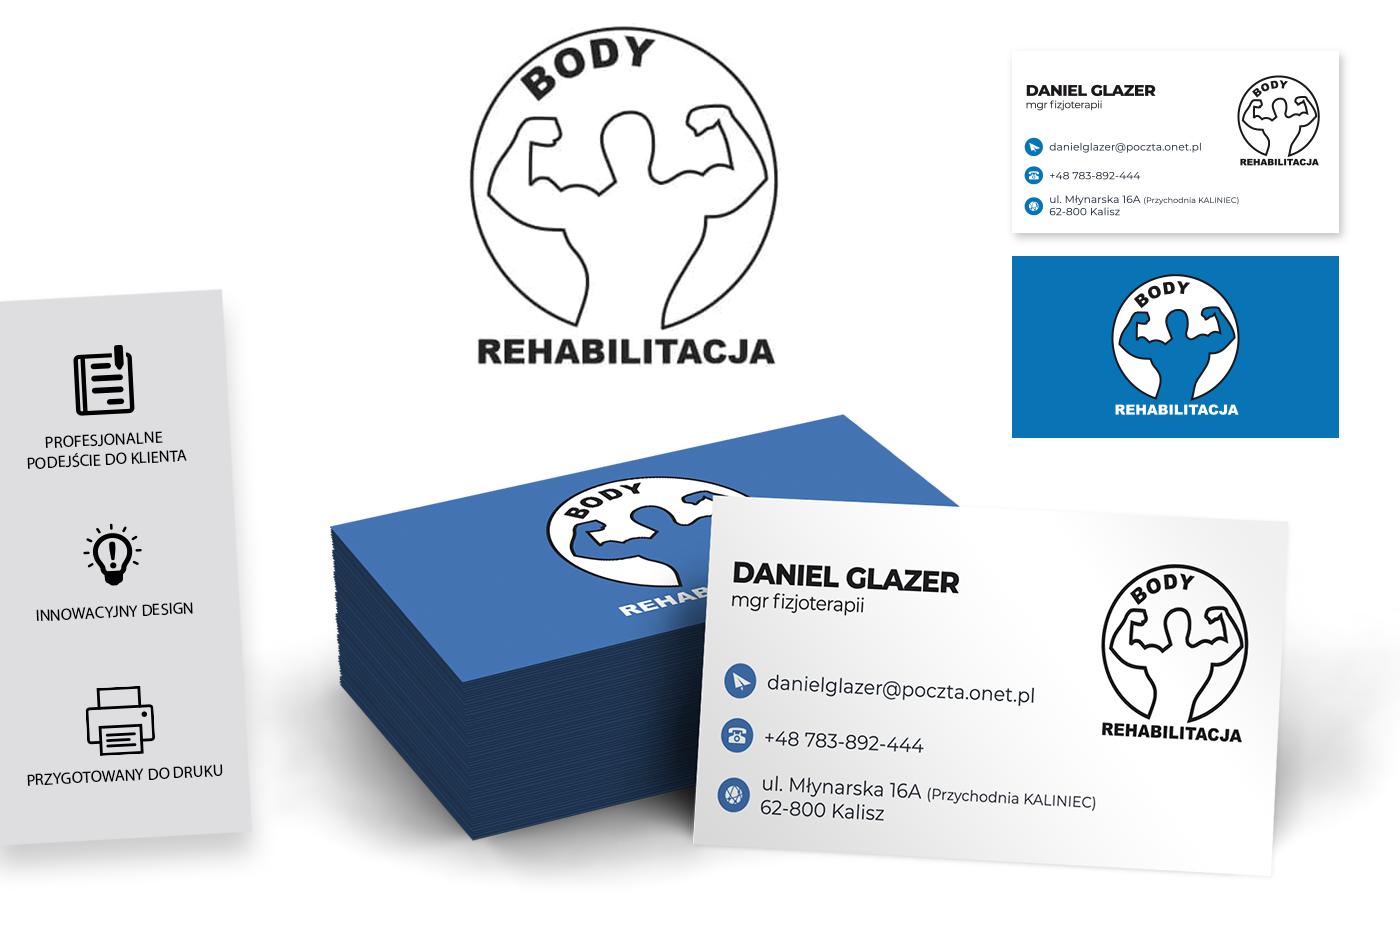 portfolio/045/036445/Body-Rehabilitacja-Wizytowka-Geek-Imagination.png